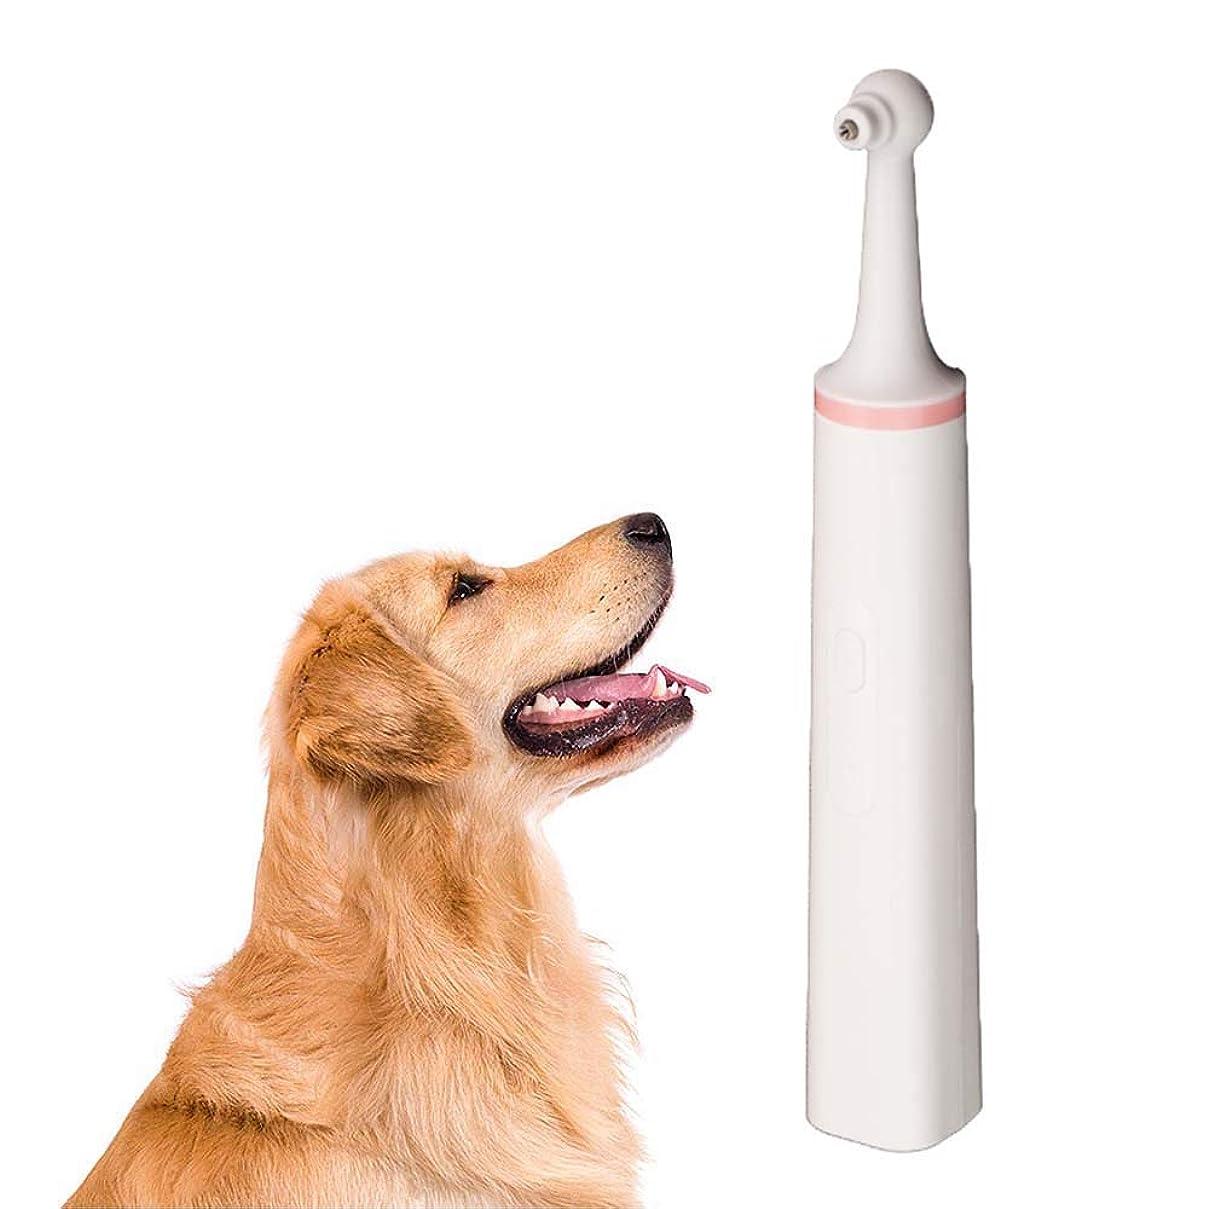 ジレンマ側面誇大妄想犬の歯ブラシ、ペット歯石除去器電動犬の歯石除去器歯のクリーナー子犬歯科スケーラーケアクリーニングツールキット,ピンク